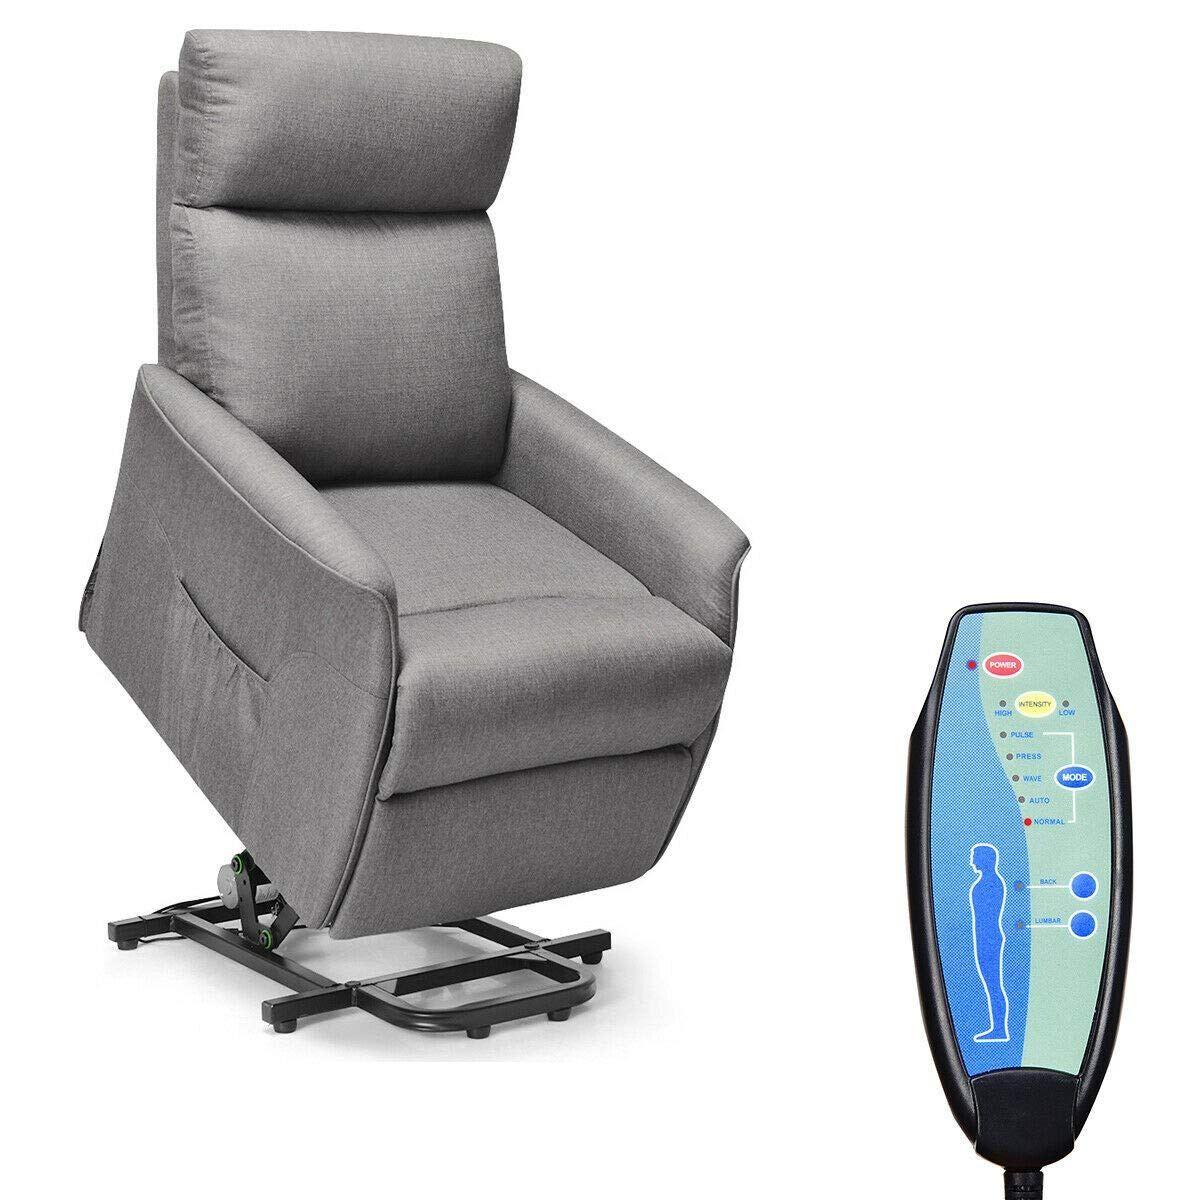 Giantex Power Lift Massage Recliner Chair for Elderly